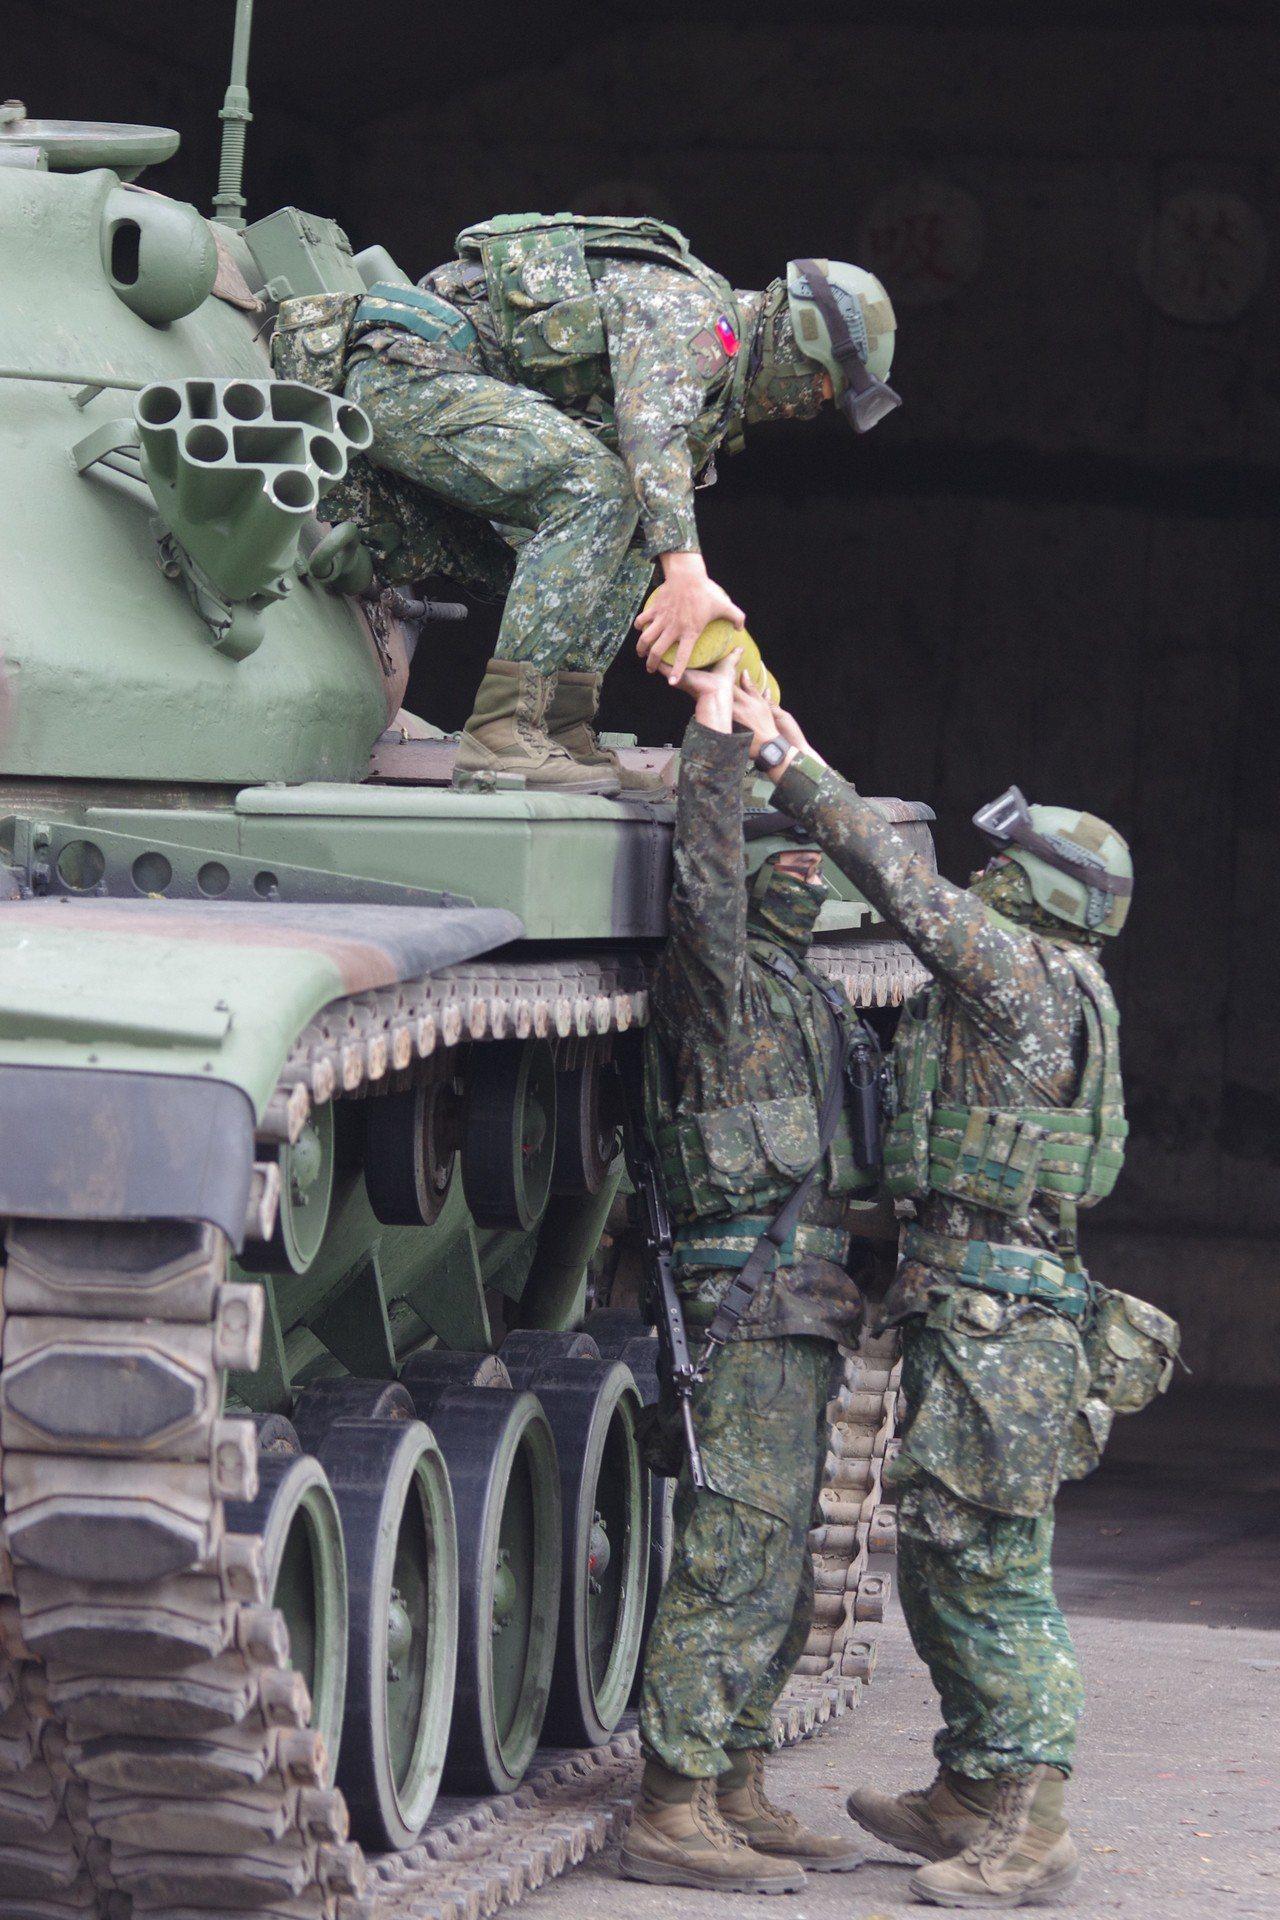 戰車砲彈整補。記者程嘉文/攝影